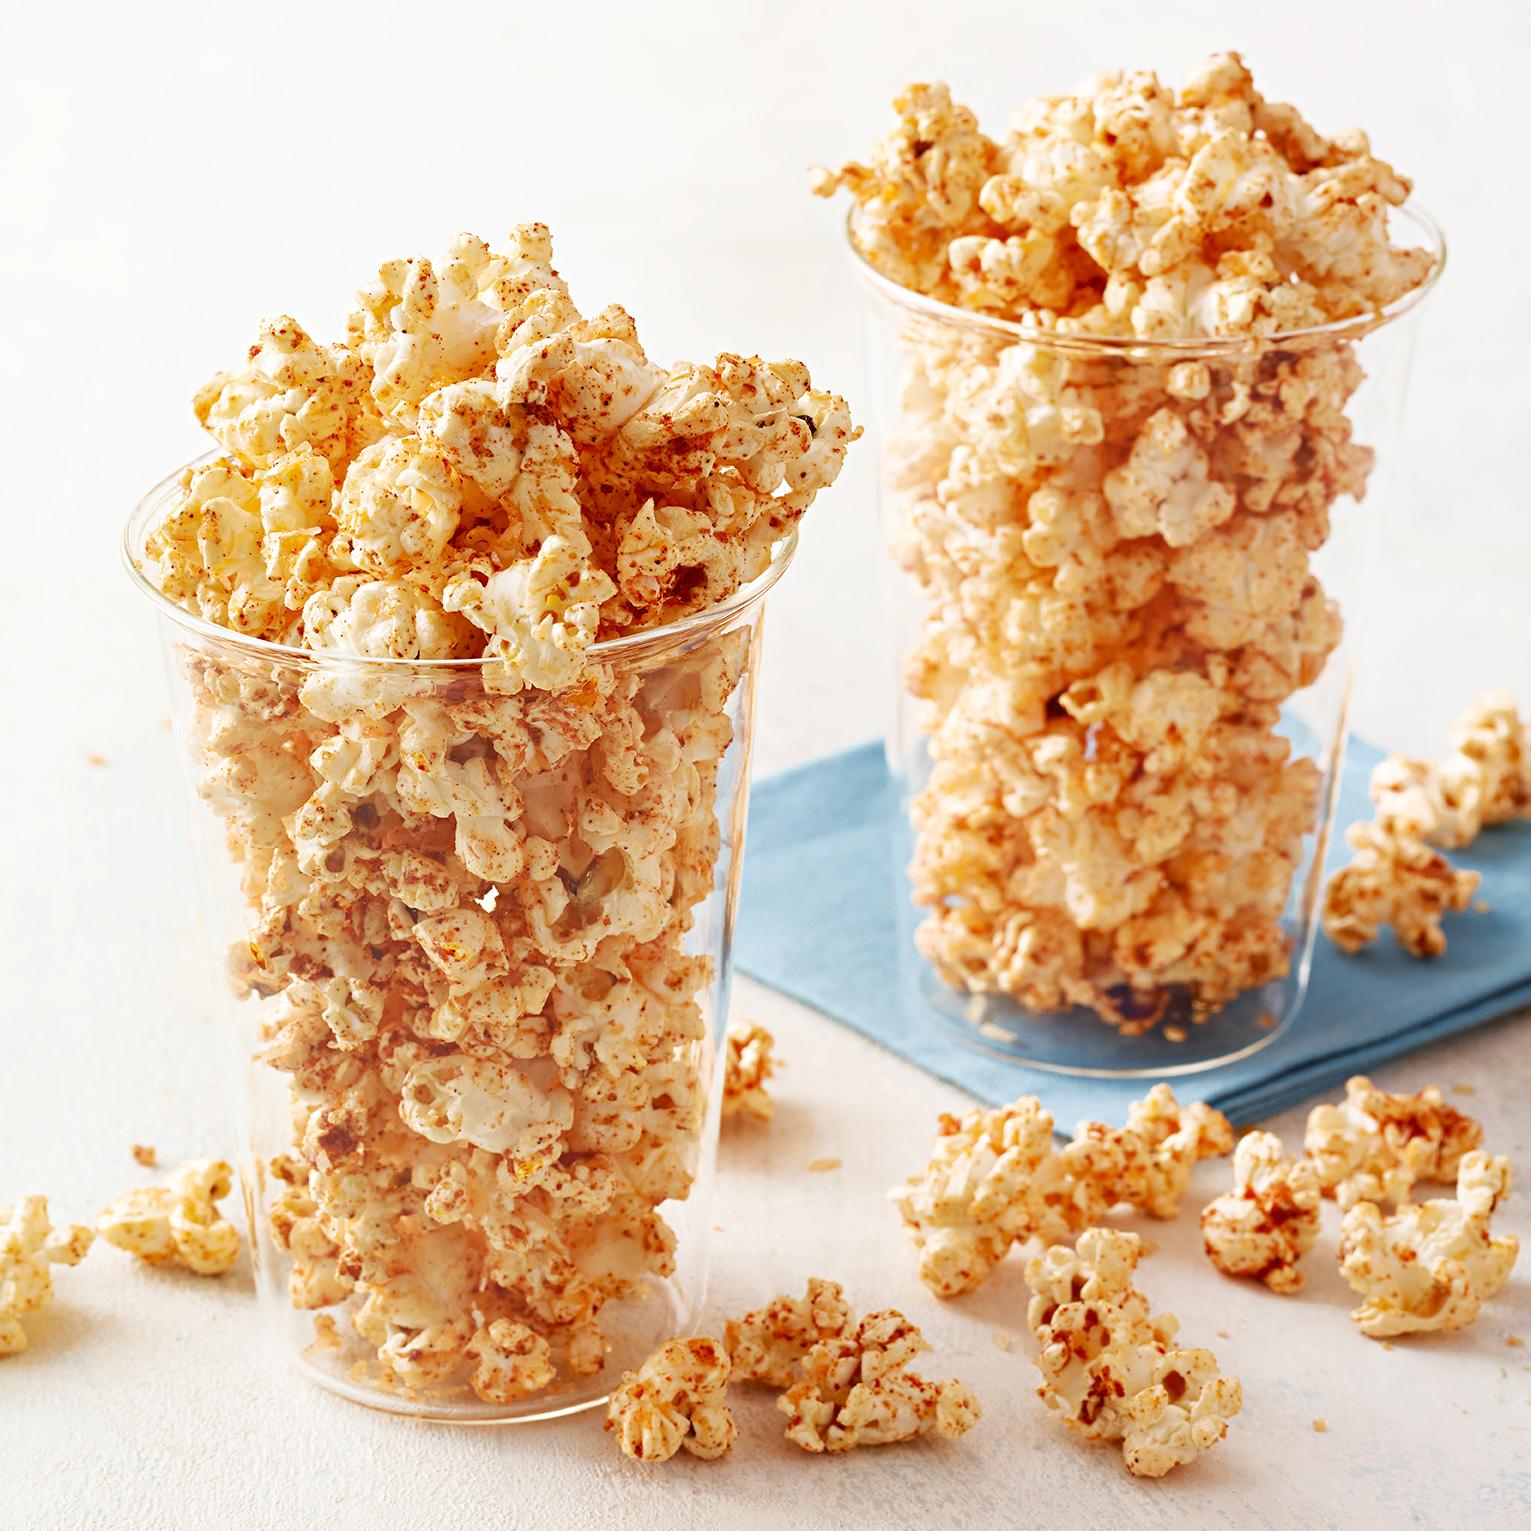 Chili-Cheese Popcorn